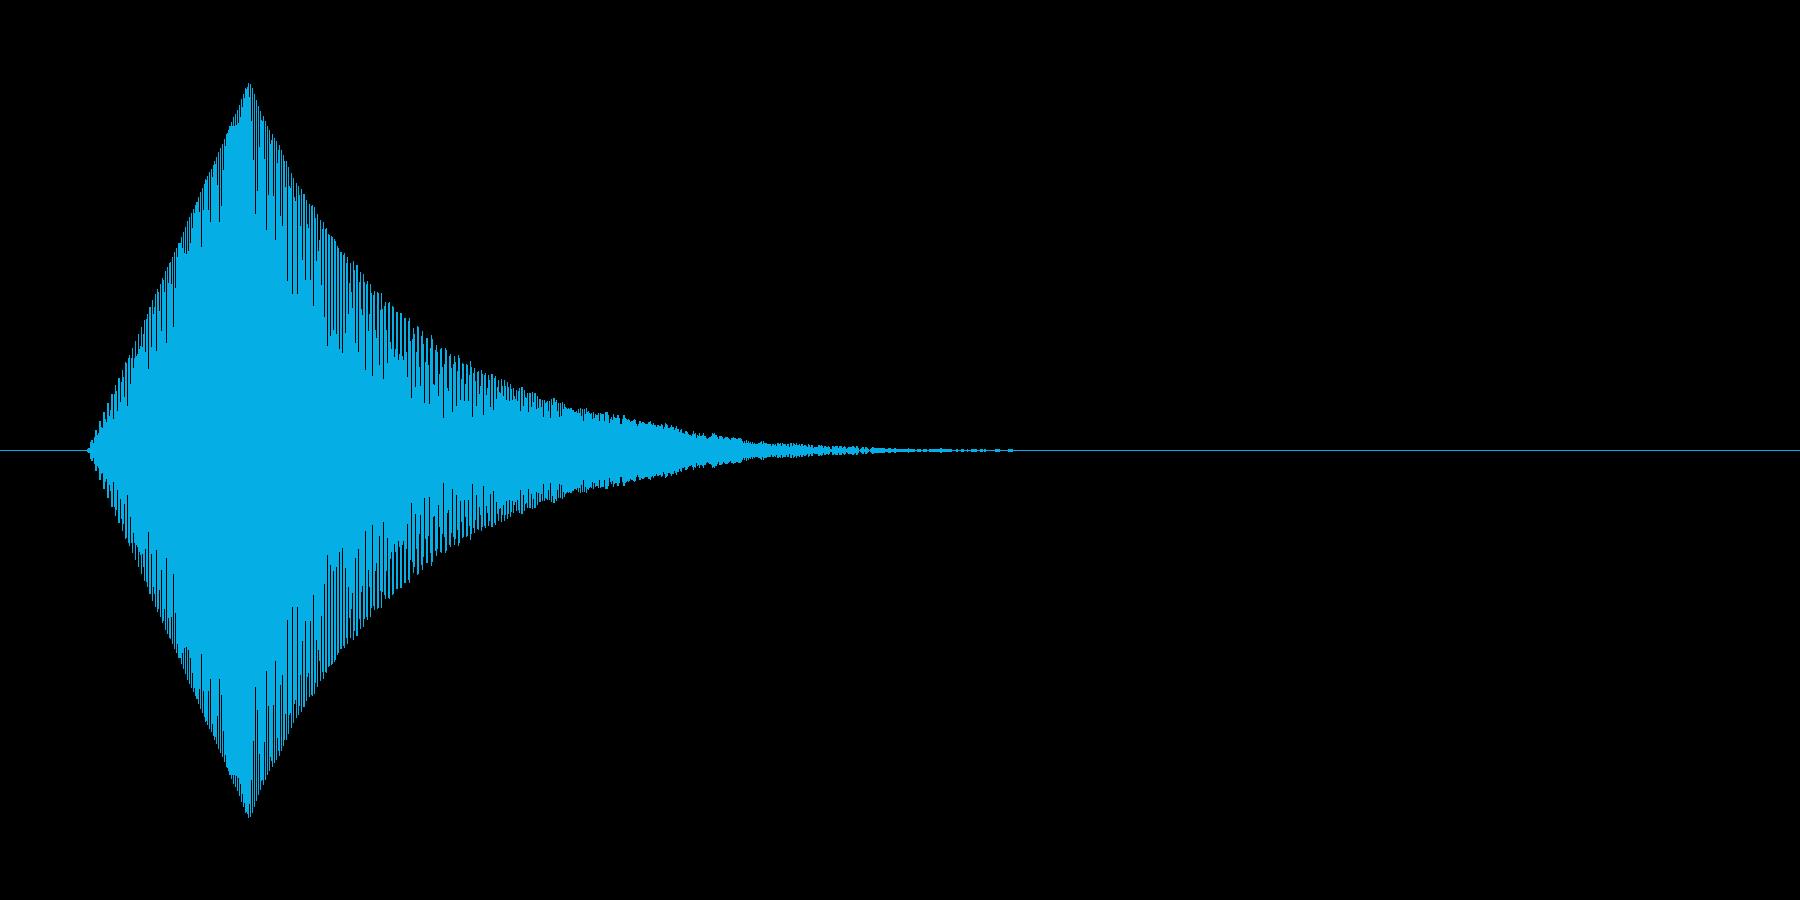 やわらかいものを触ったときの効果音の再生済みの波形